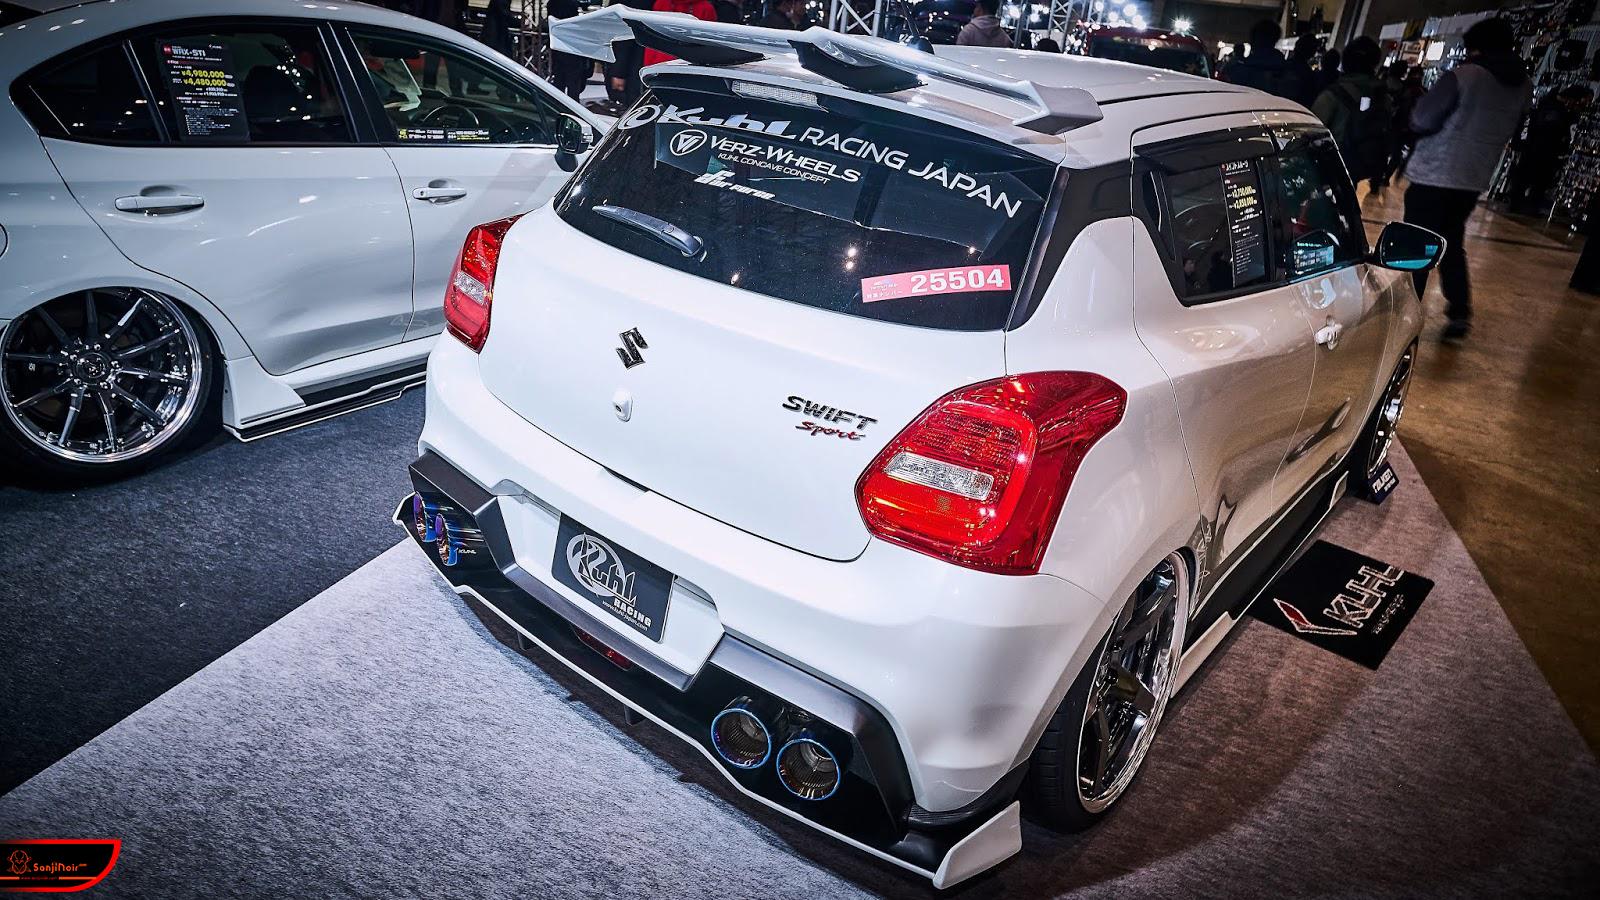 2019東京改裝車展|重點就是Jimny & Swift Sport!Suzuki的跨界新玩法 | SanjiNoir 黑侍樂讀|